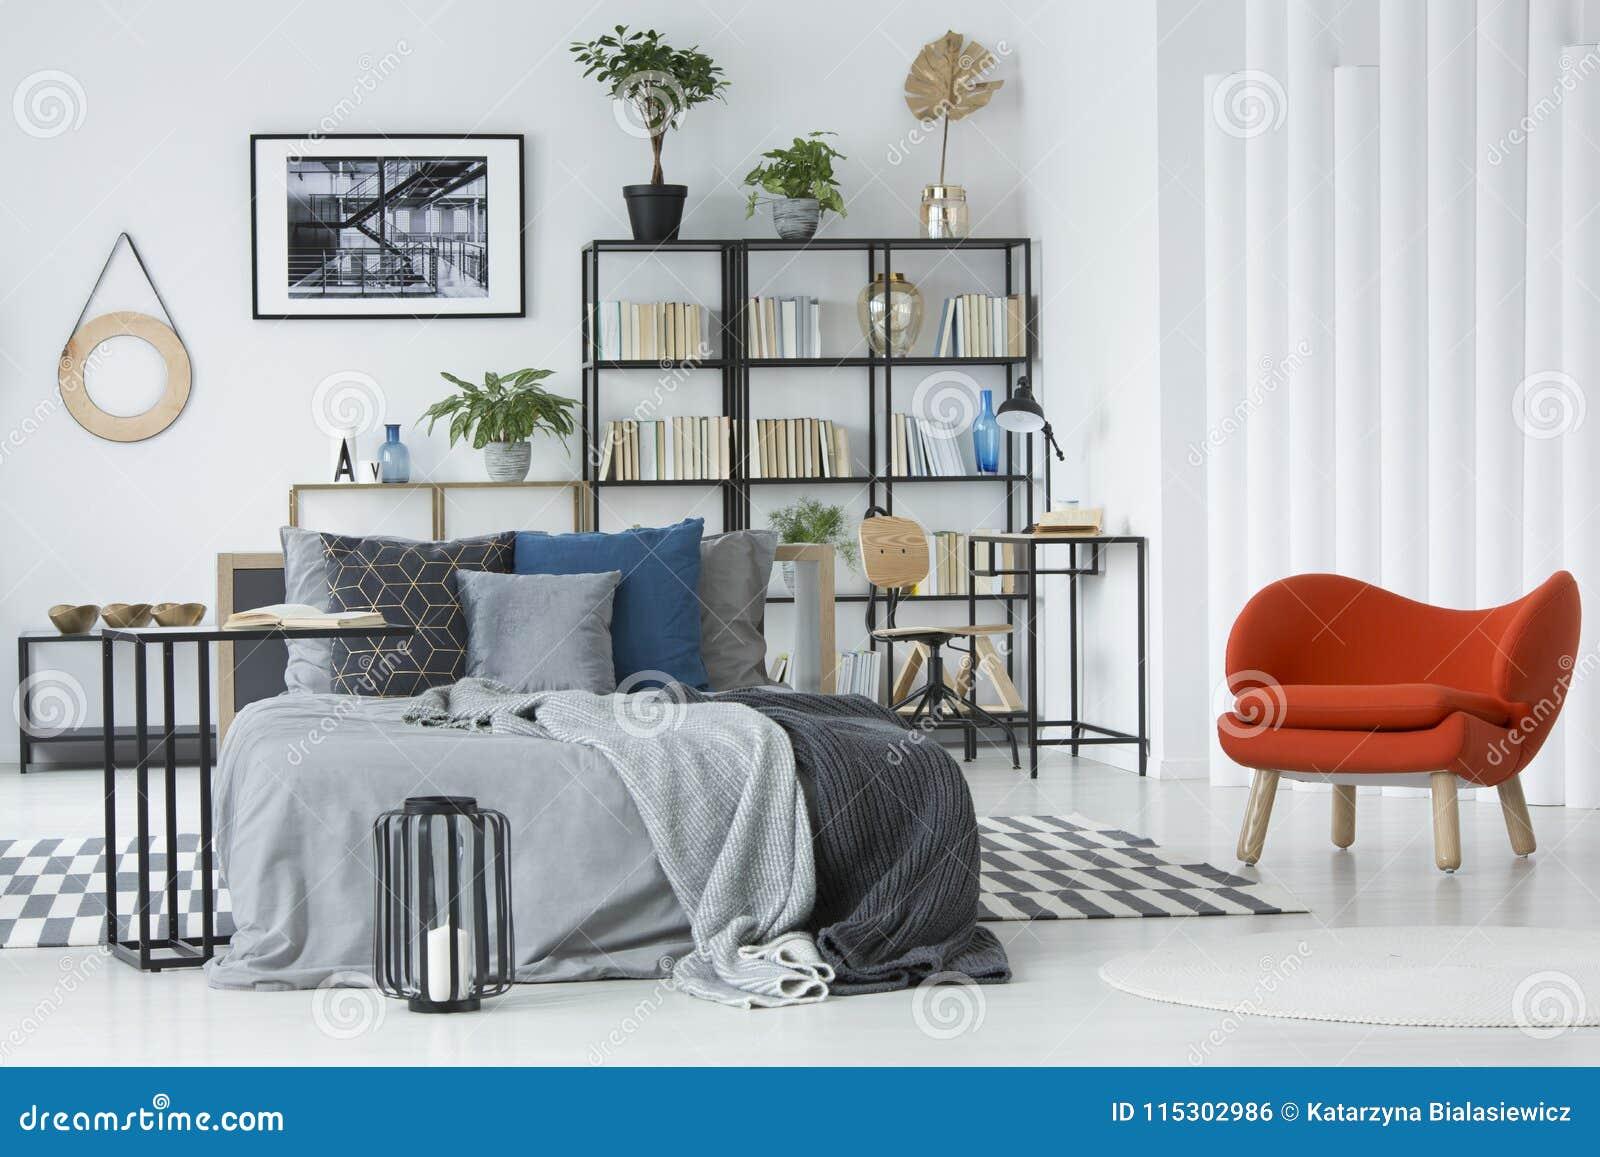 Captivant Fauteuil Orange Dans L Intérieur De Chambre à Coucher